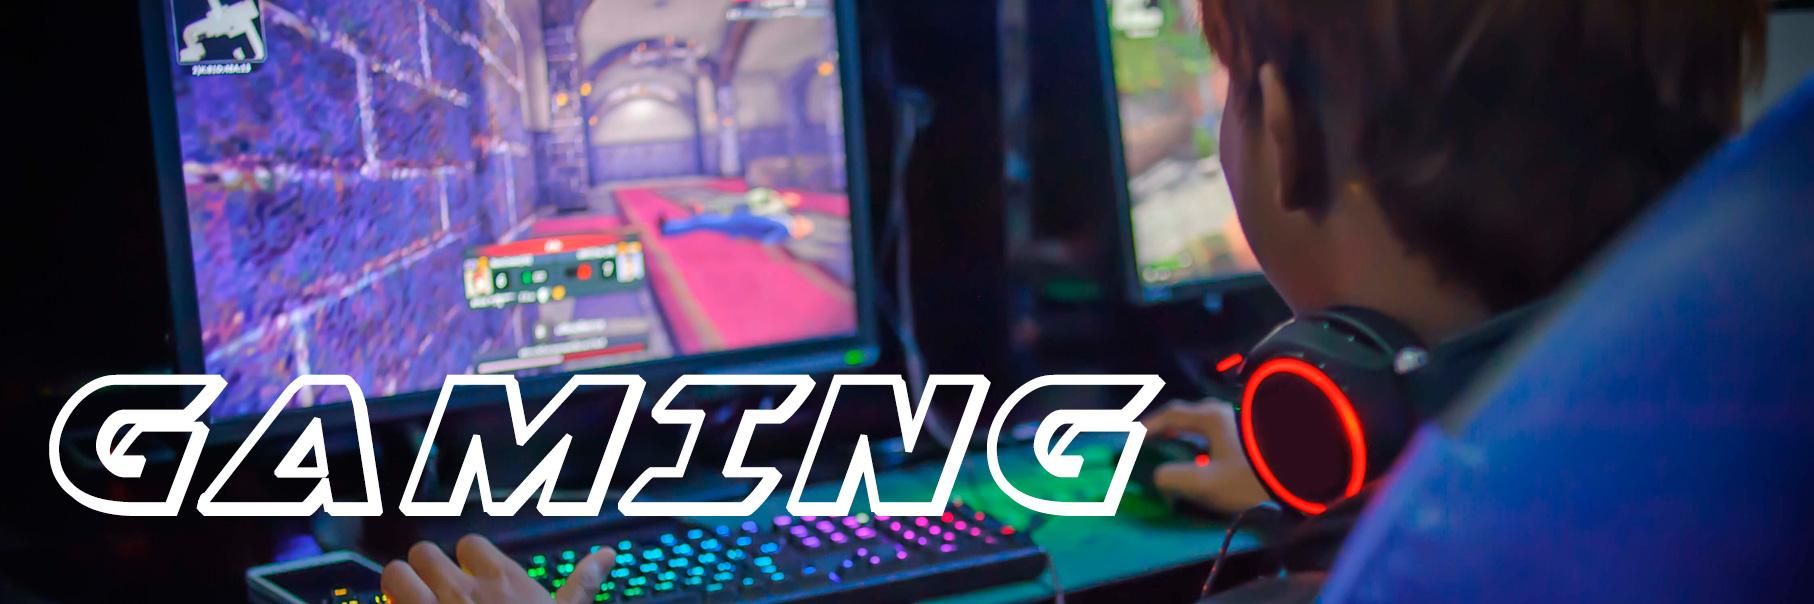 GAMING imagen principal entrada blog